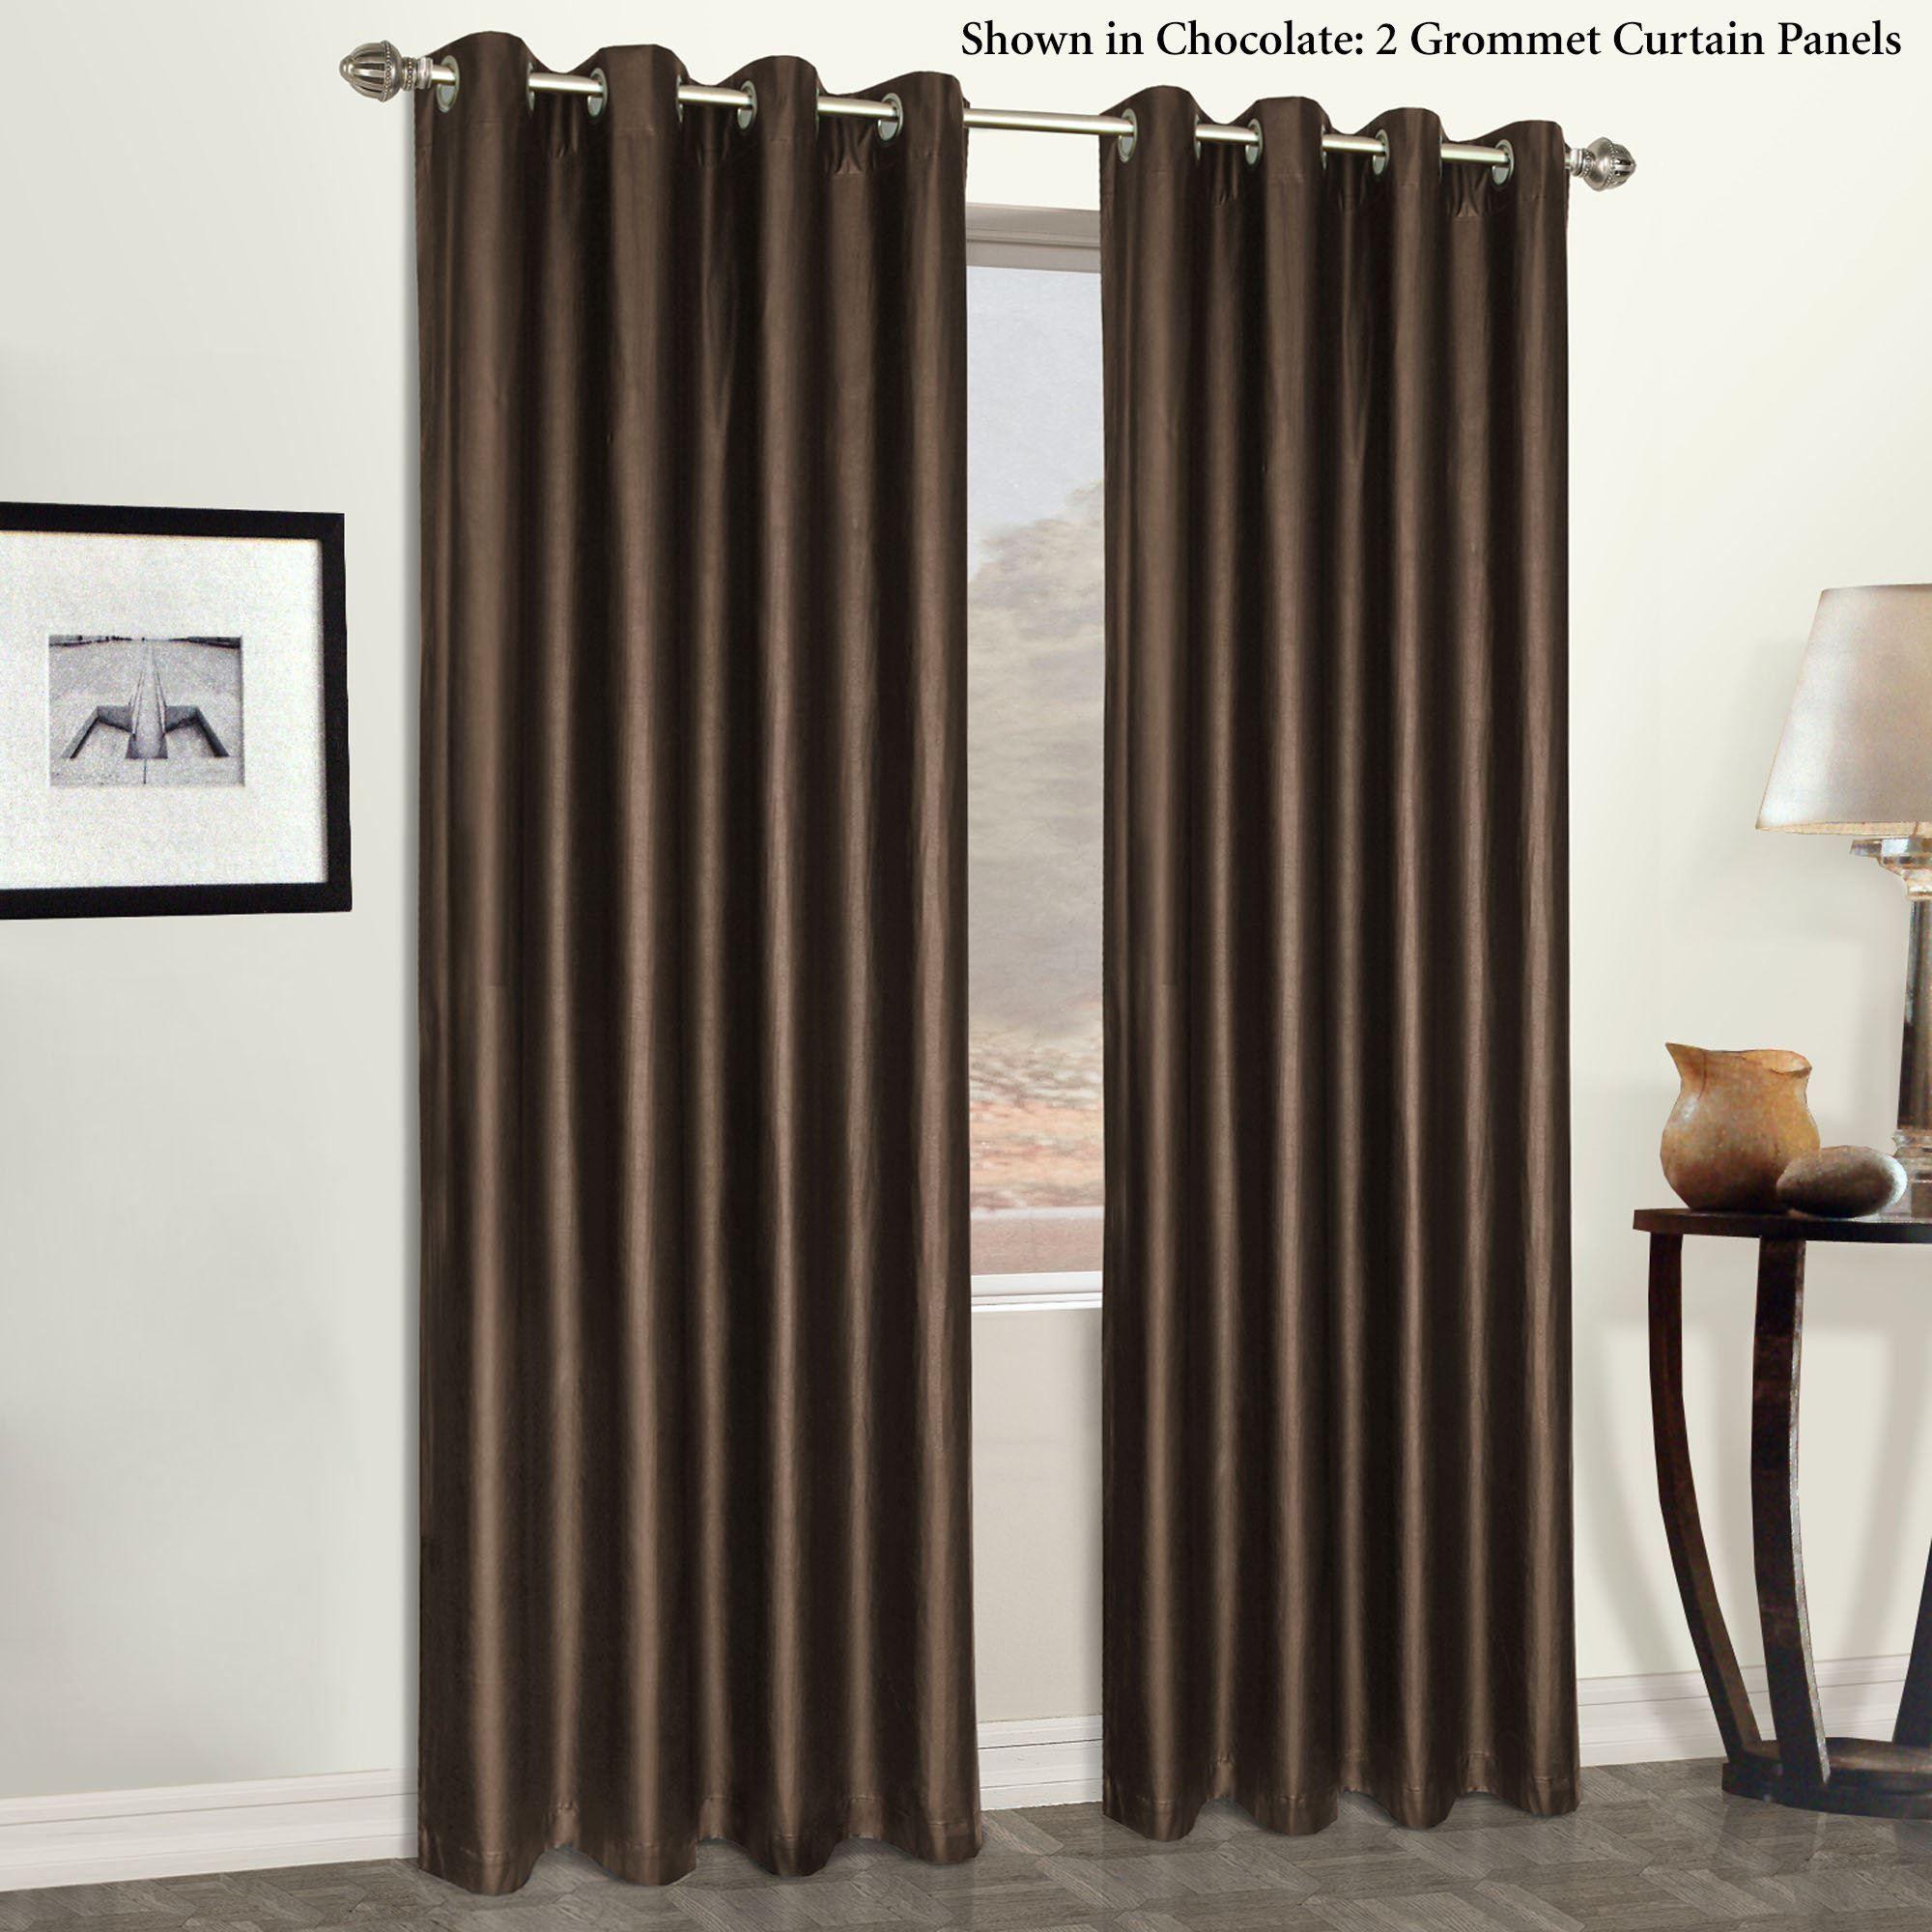 Faux Leather Grommet Curtain Panels